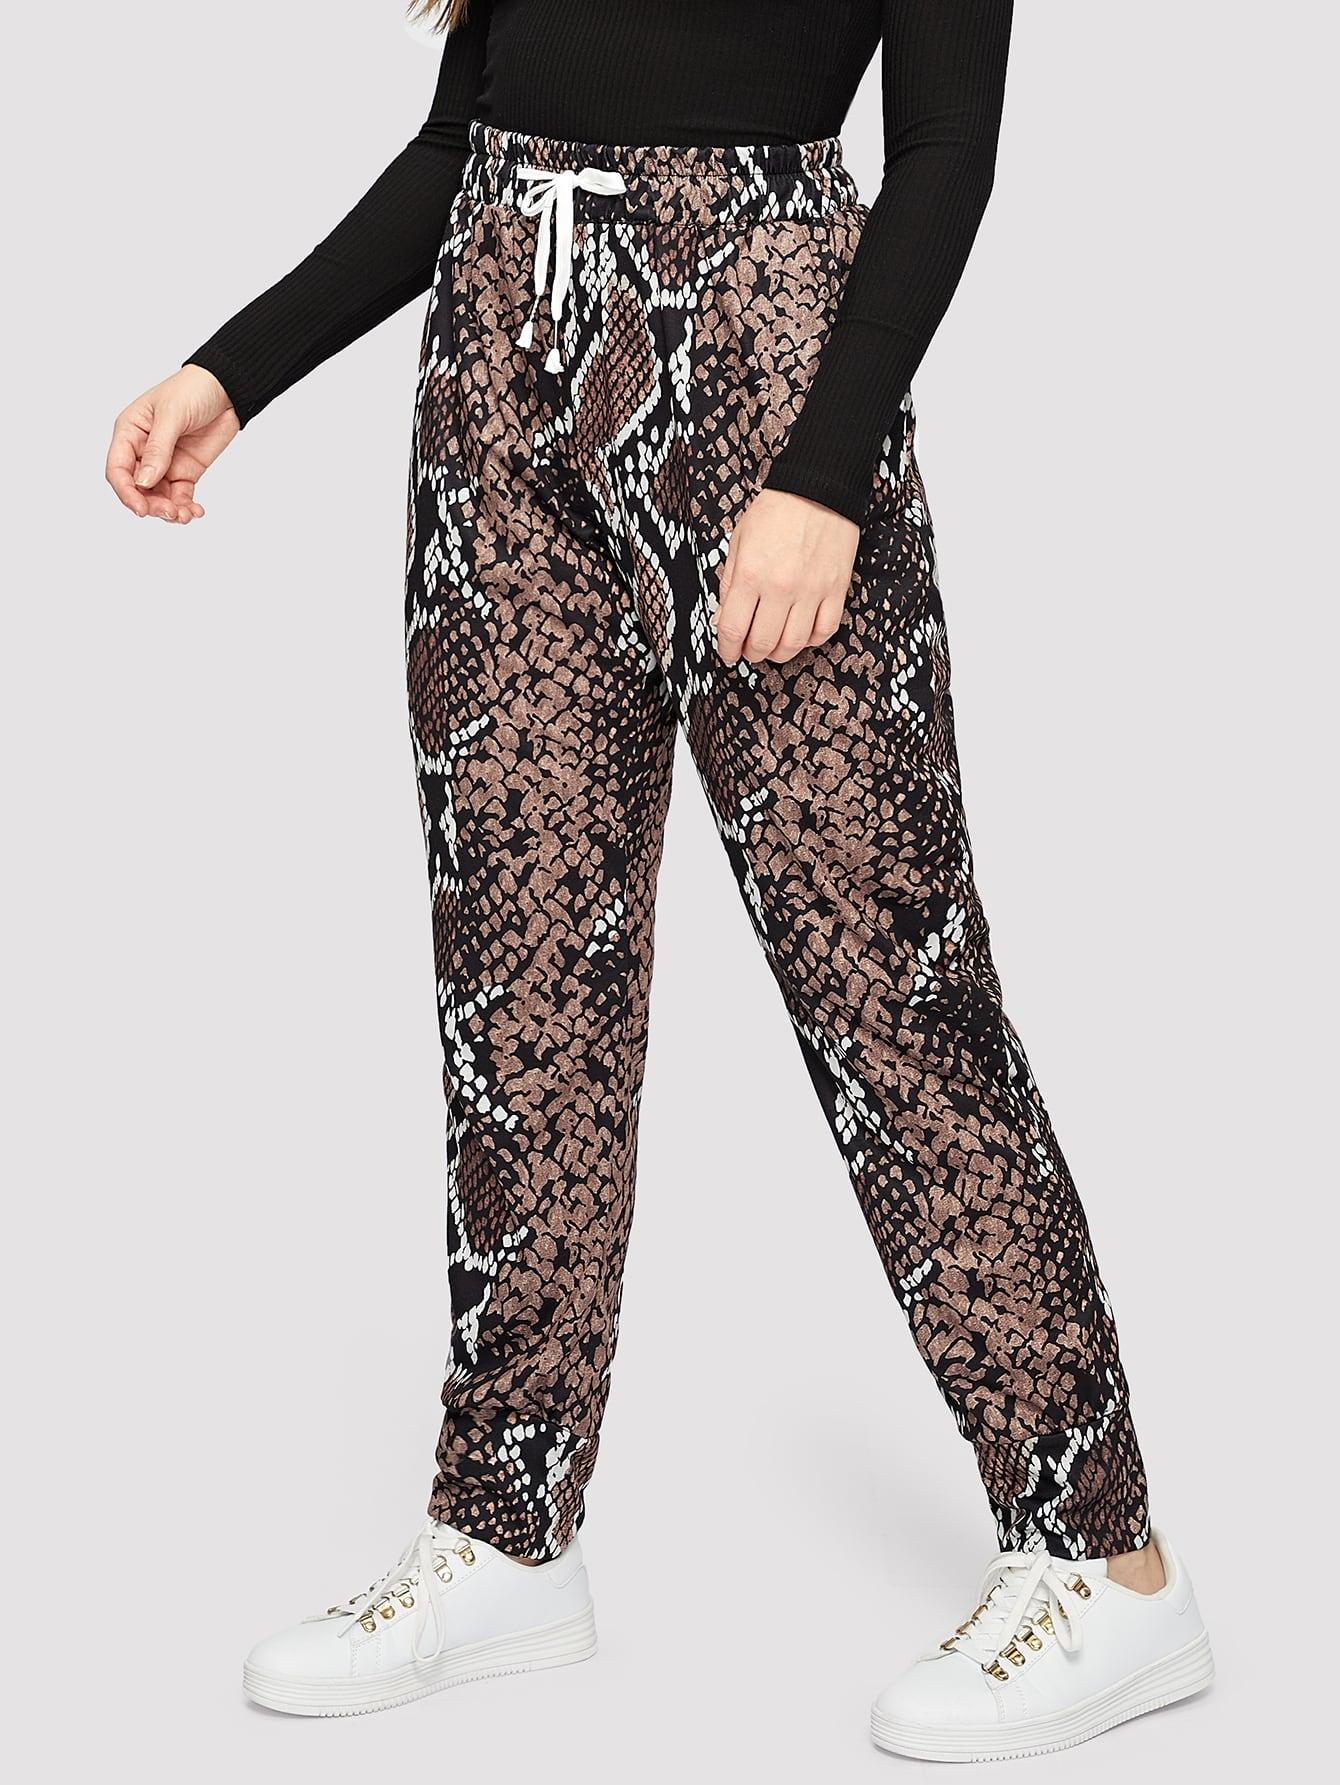 Купить Размера плюс брюки с кулиской и змеиным принтом, Isabela, SheIn